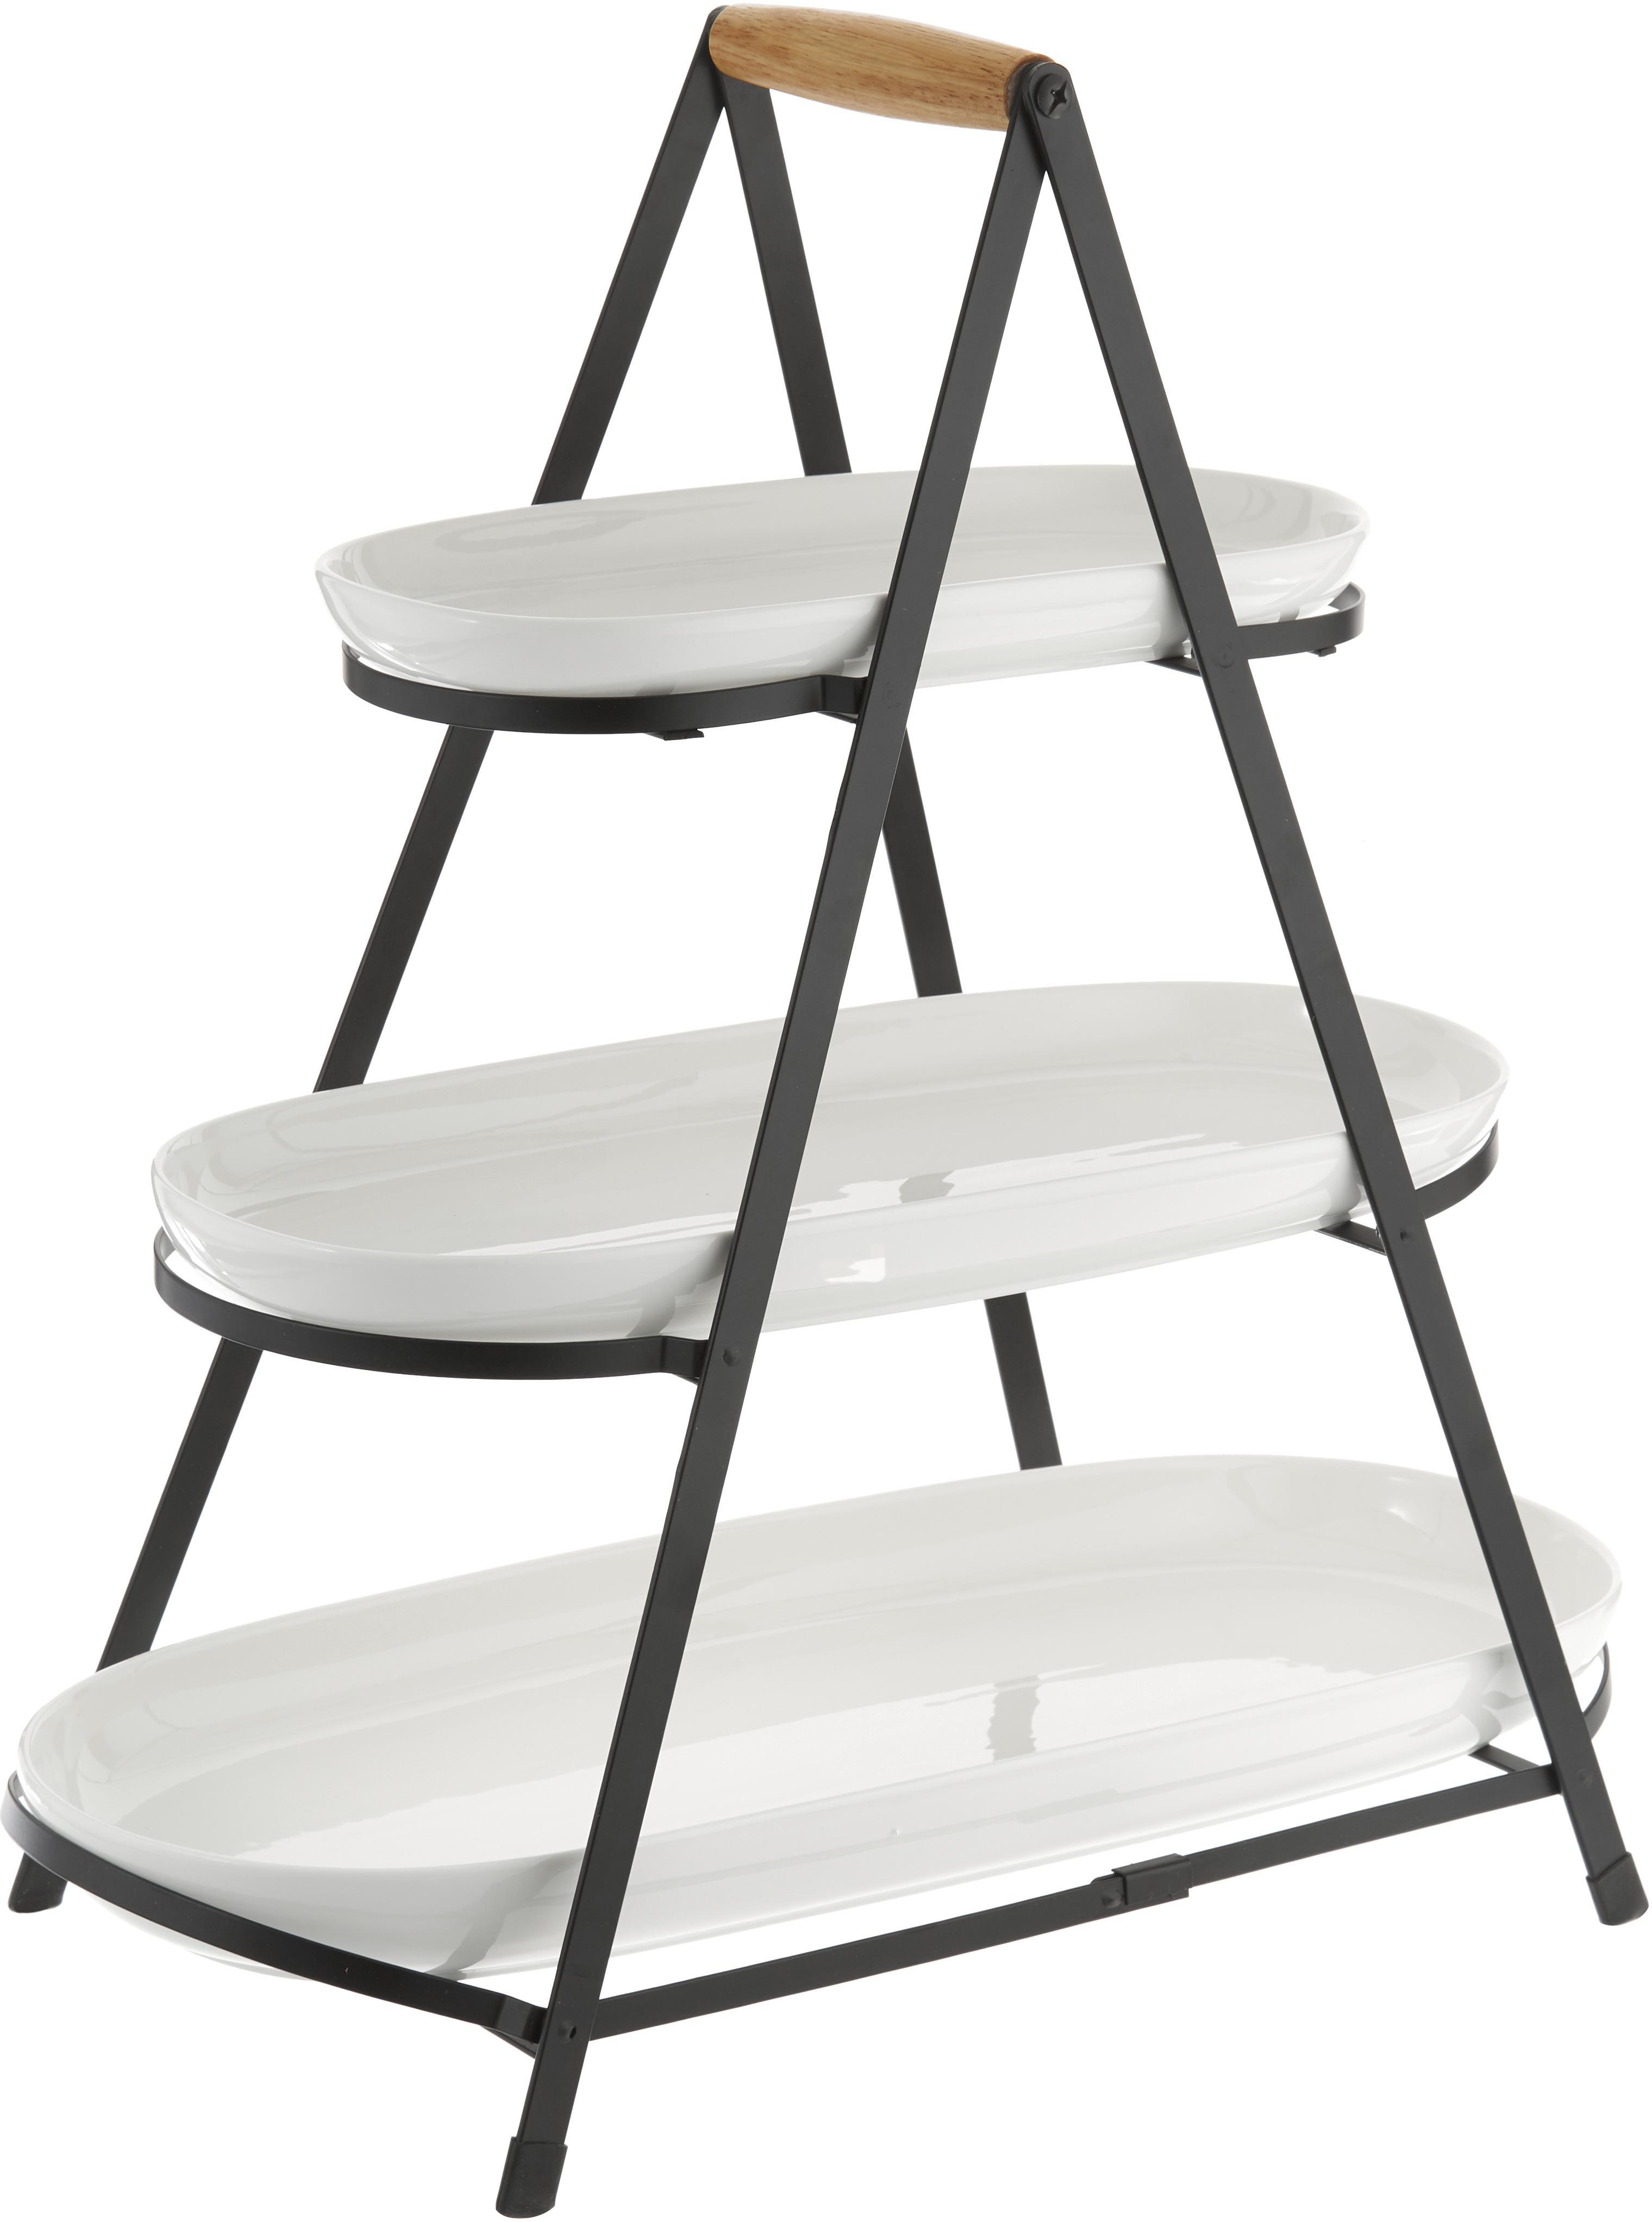 Fuente 3 pisos Tower con las bandejas extríbles, Bandejas: porcelana, Estructura: metal, Blanco, negro, madera, An 50 x Al 55 cm